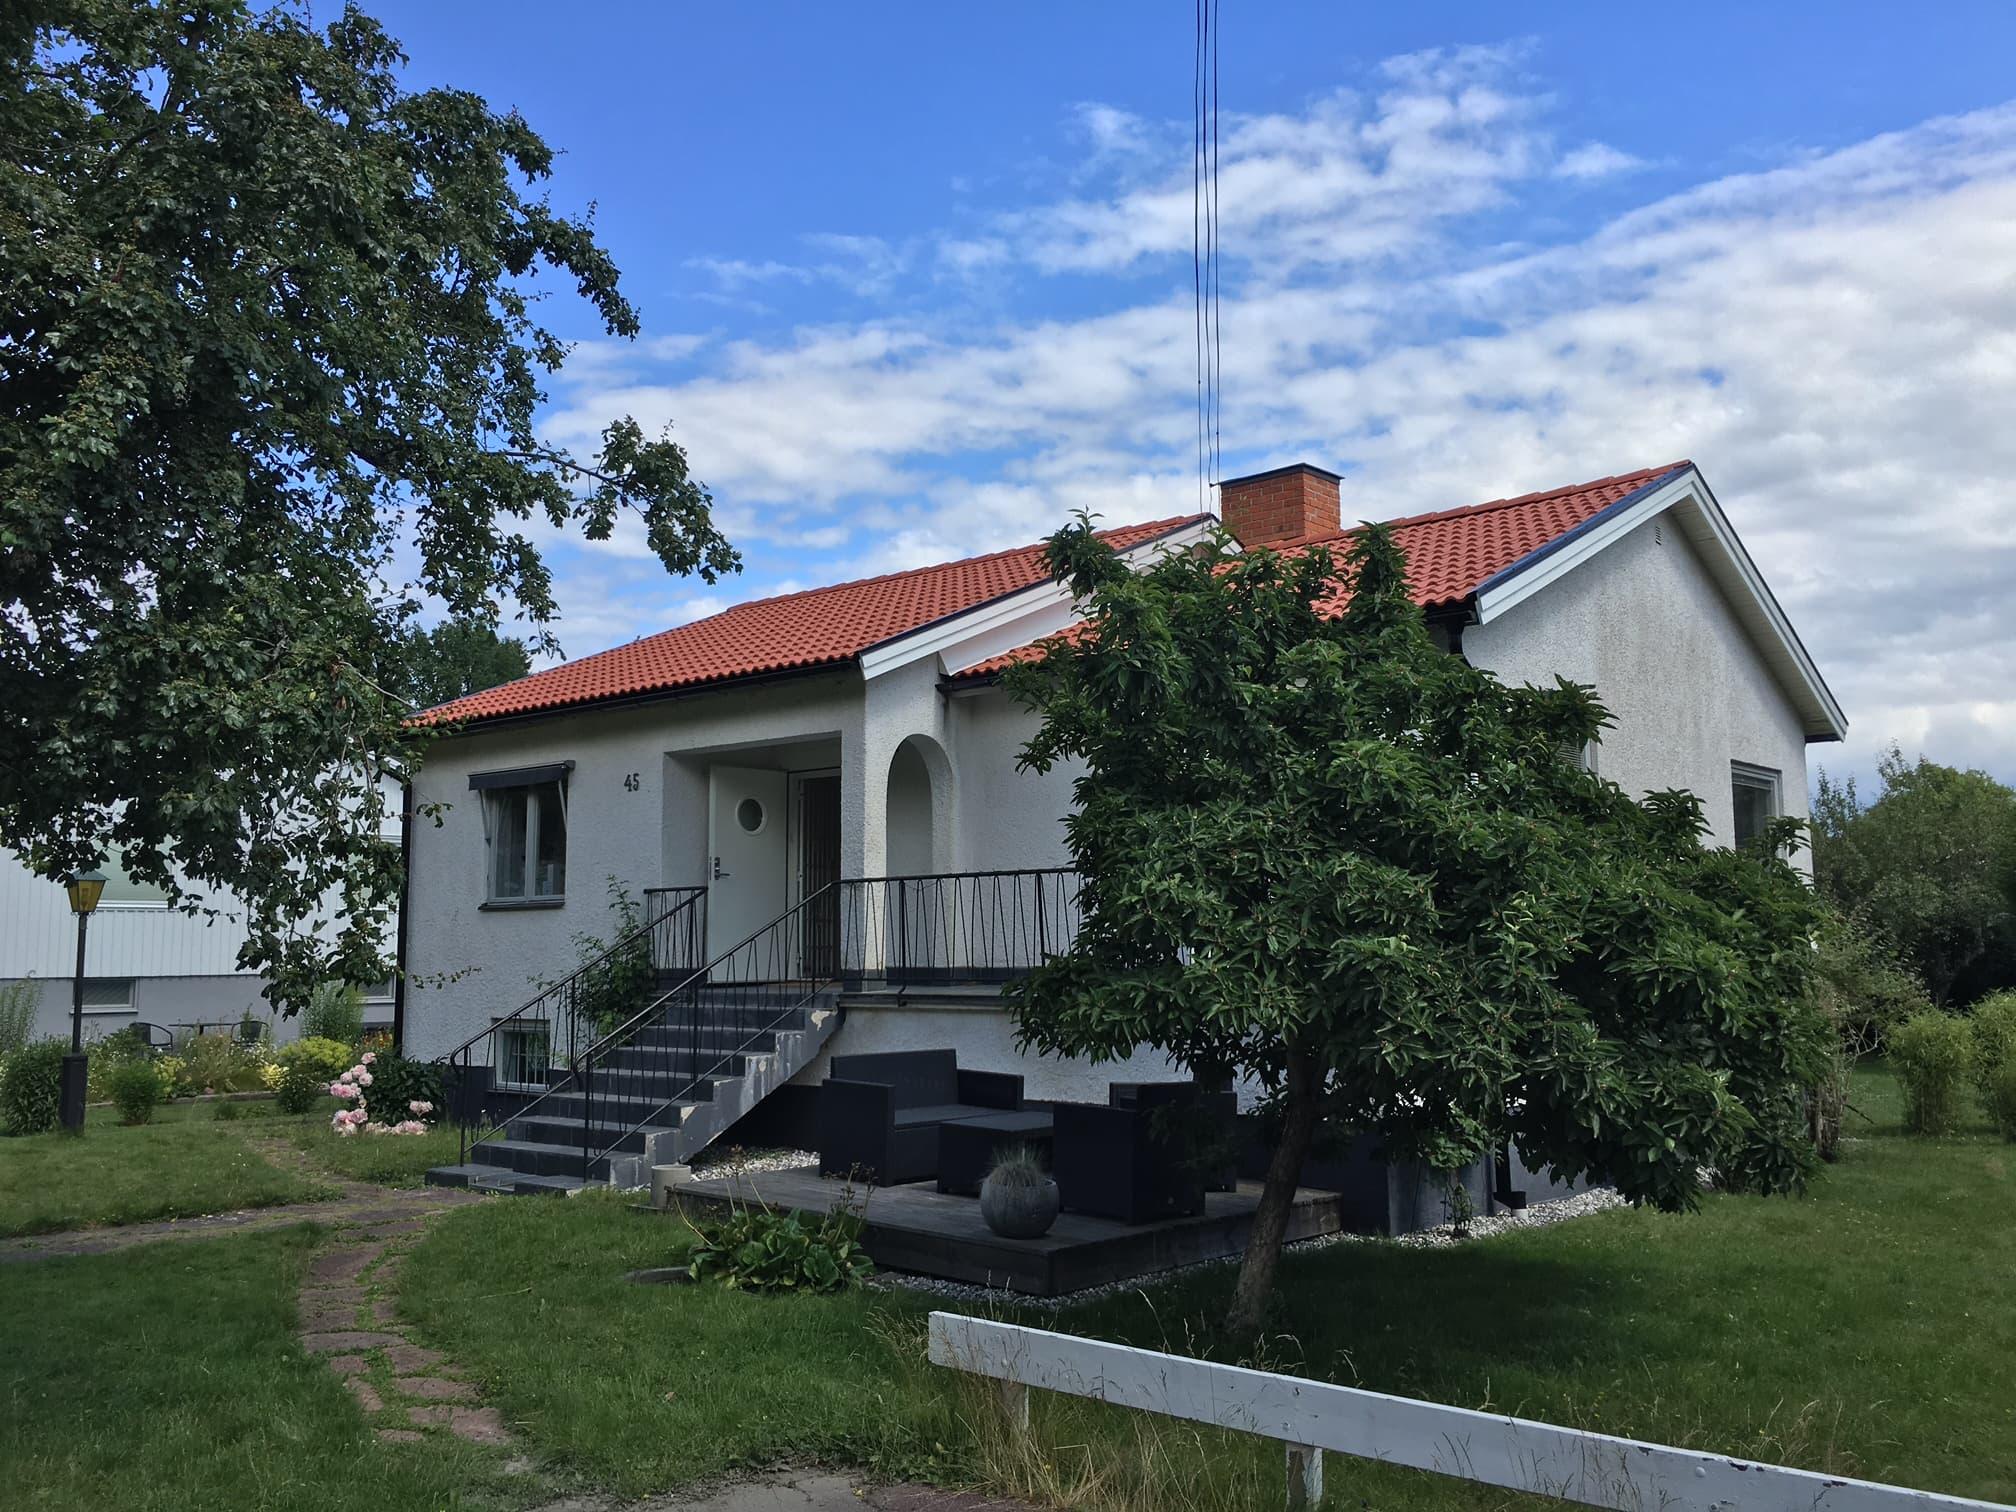 Takläggare Huddinge / Takläggning  Stockholm -RAO Tak & Bygg är ett erfaret företag med säte i Stockholm som specialiserar sig på takläggning arbeten i Stockholm området.